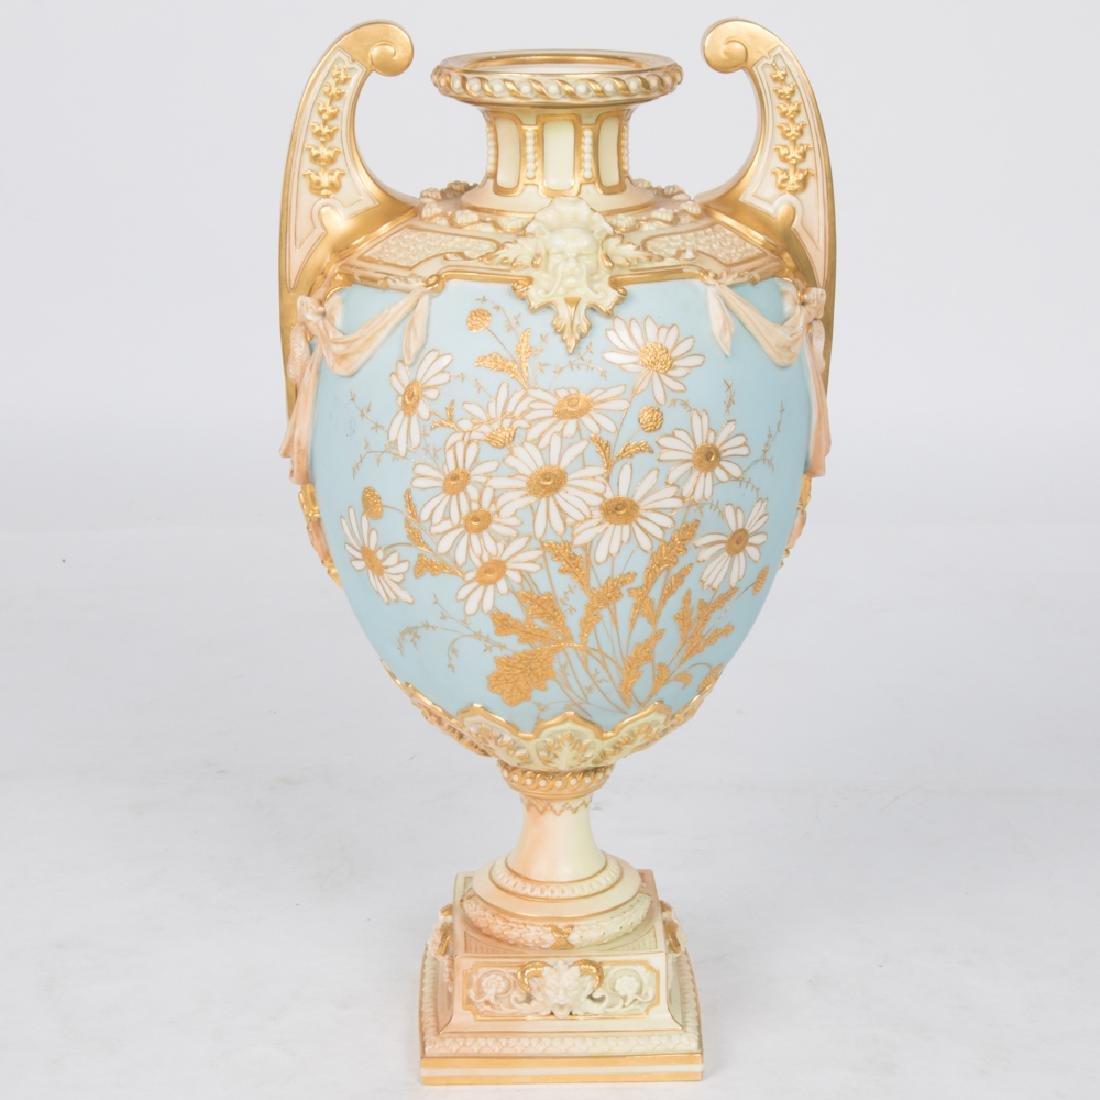 A Large Porcelain Double-Handled Urn Form Vase by Royal